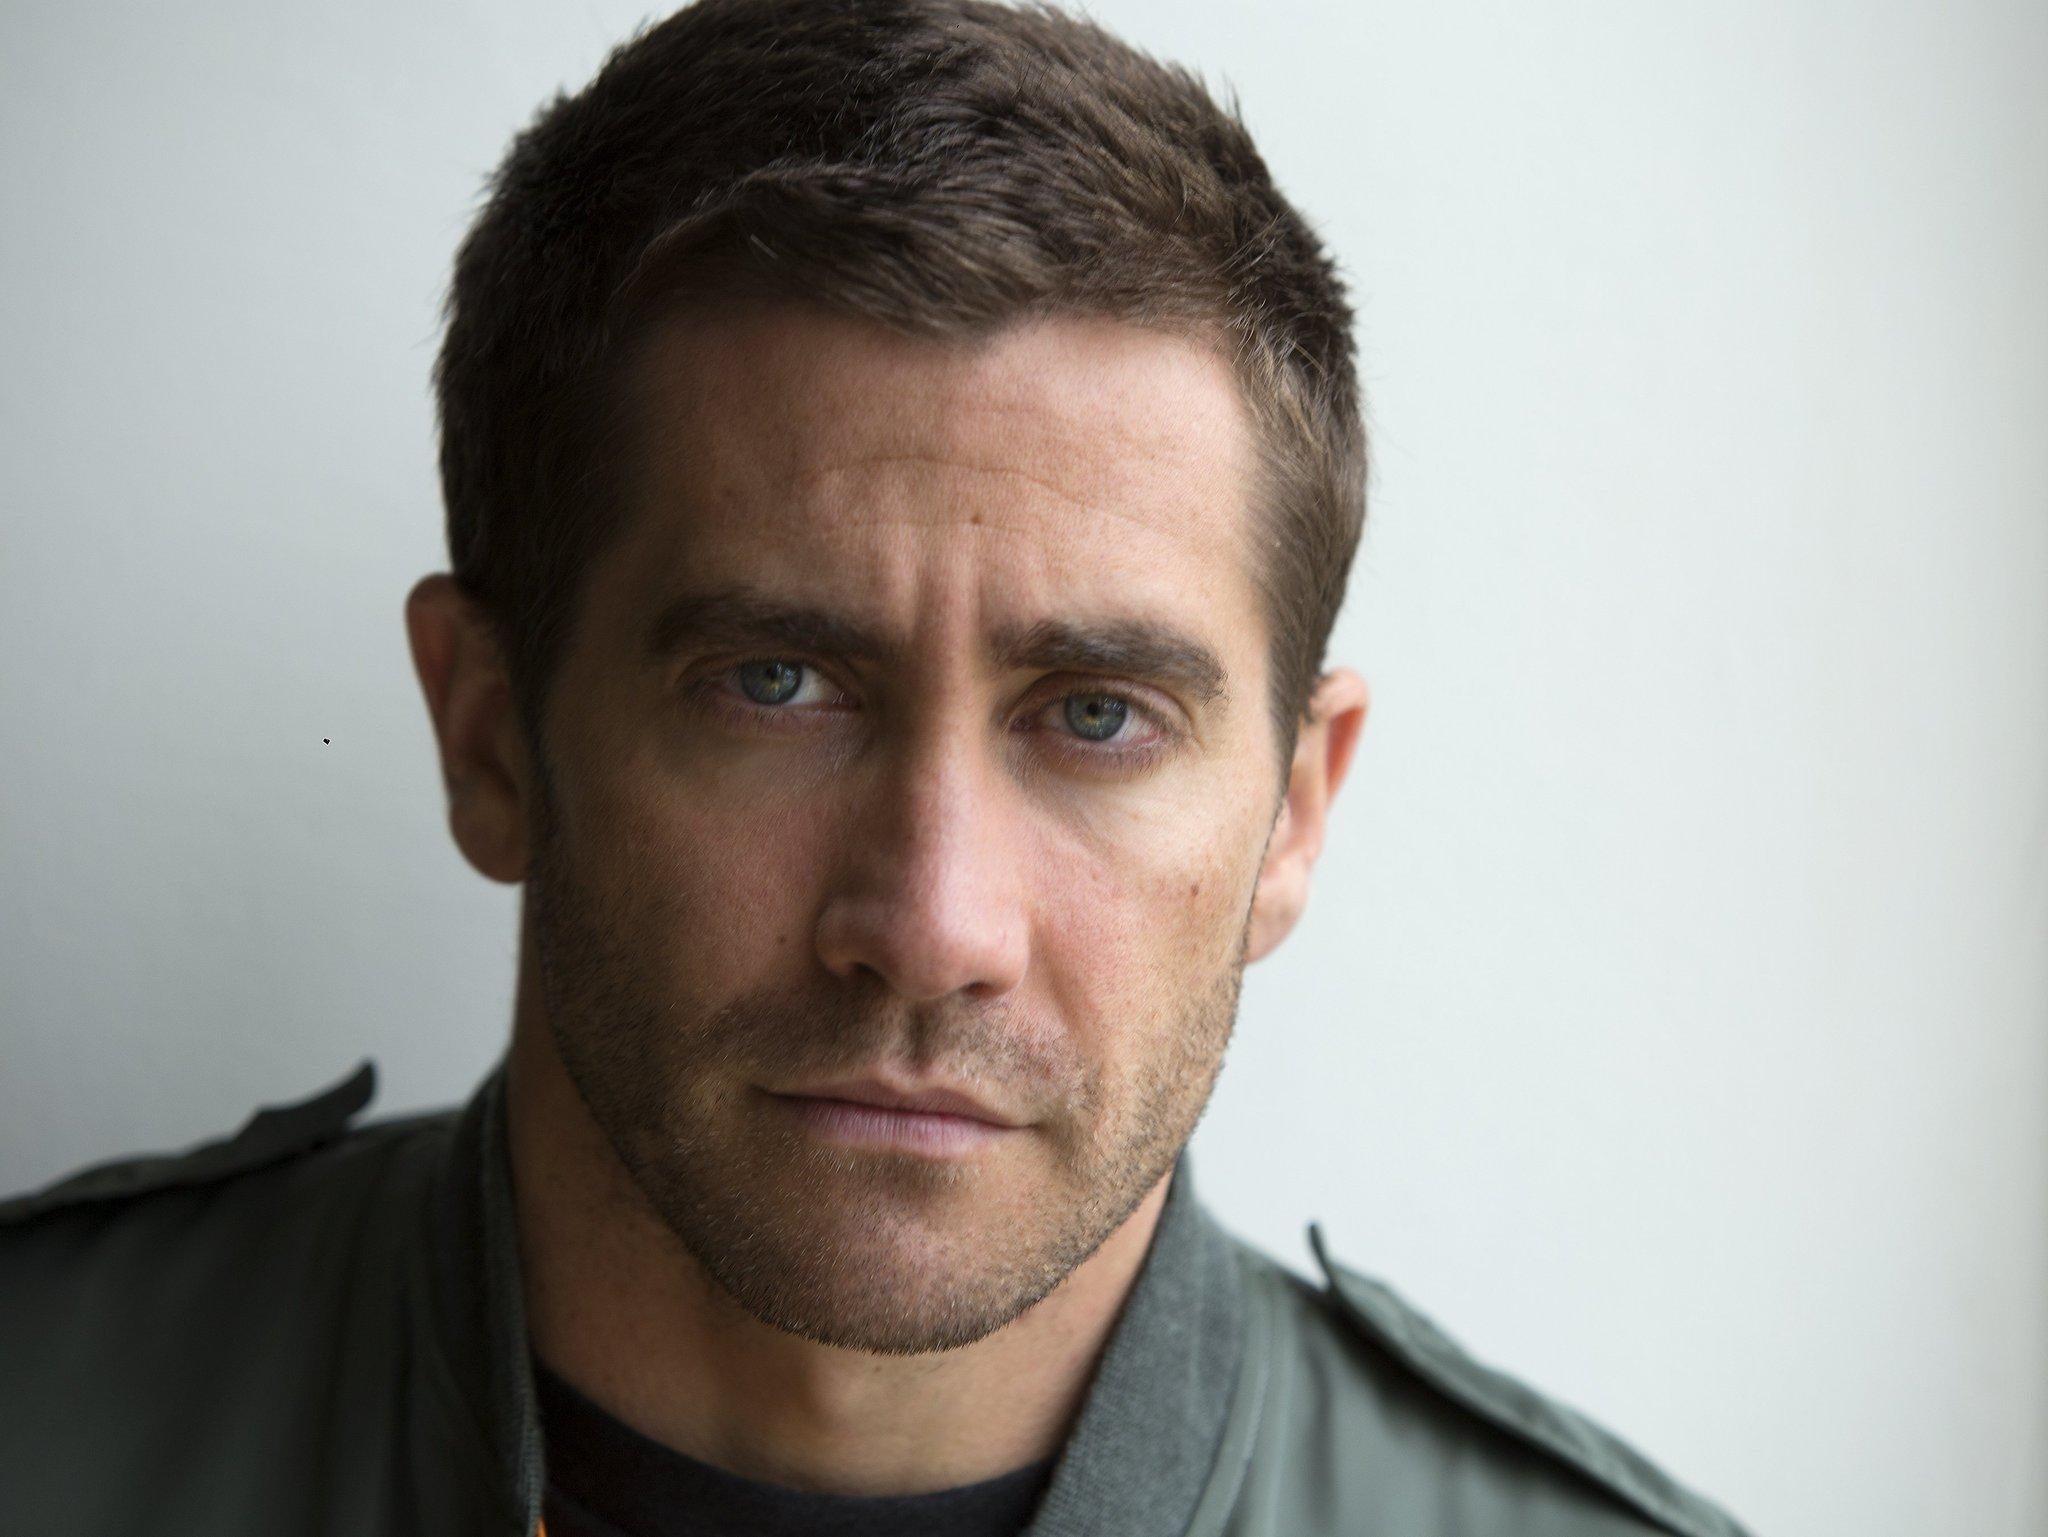 [Image: la-et-mn-sag-awards-2015-jake-gyllenhaal...n-20141210]